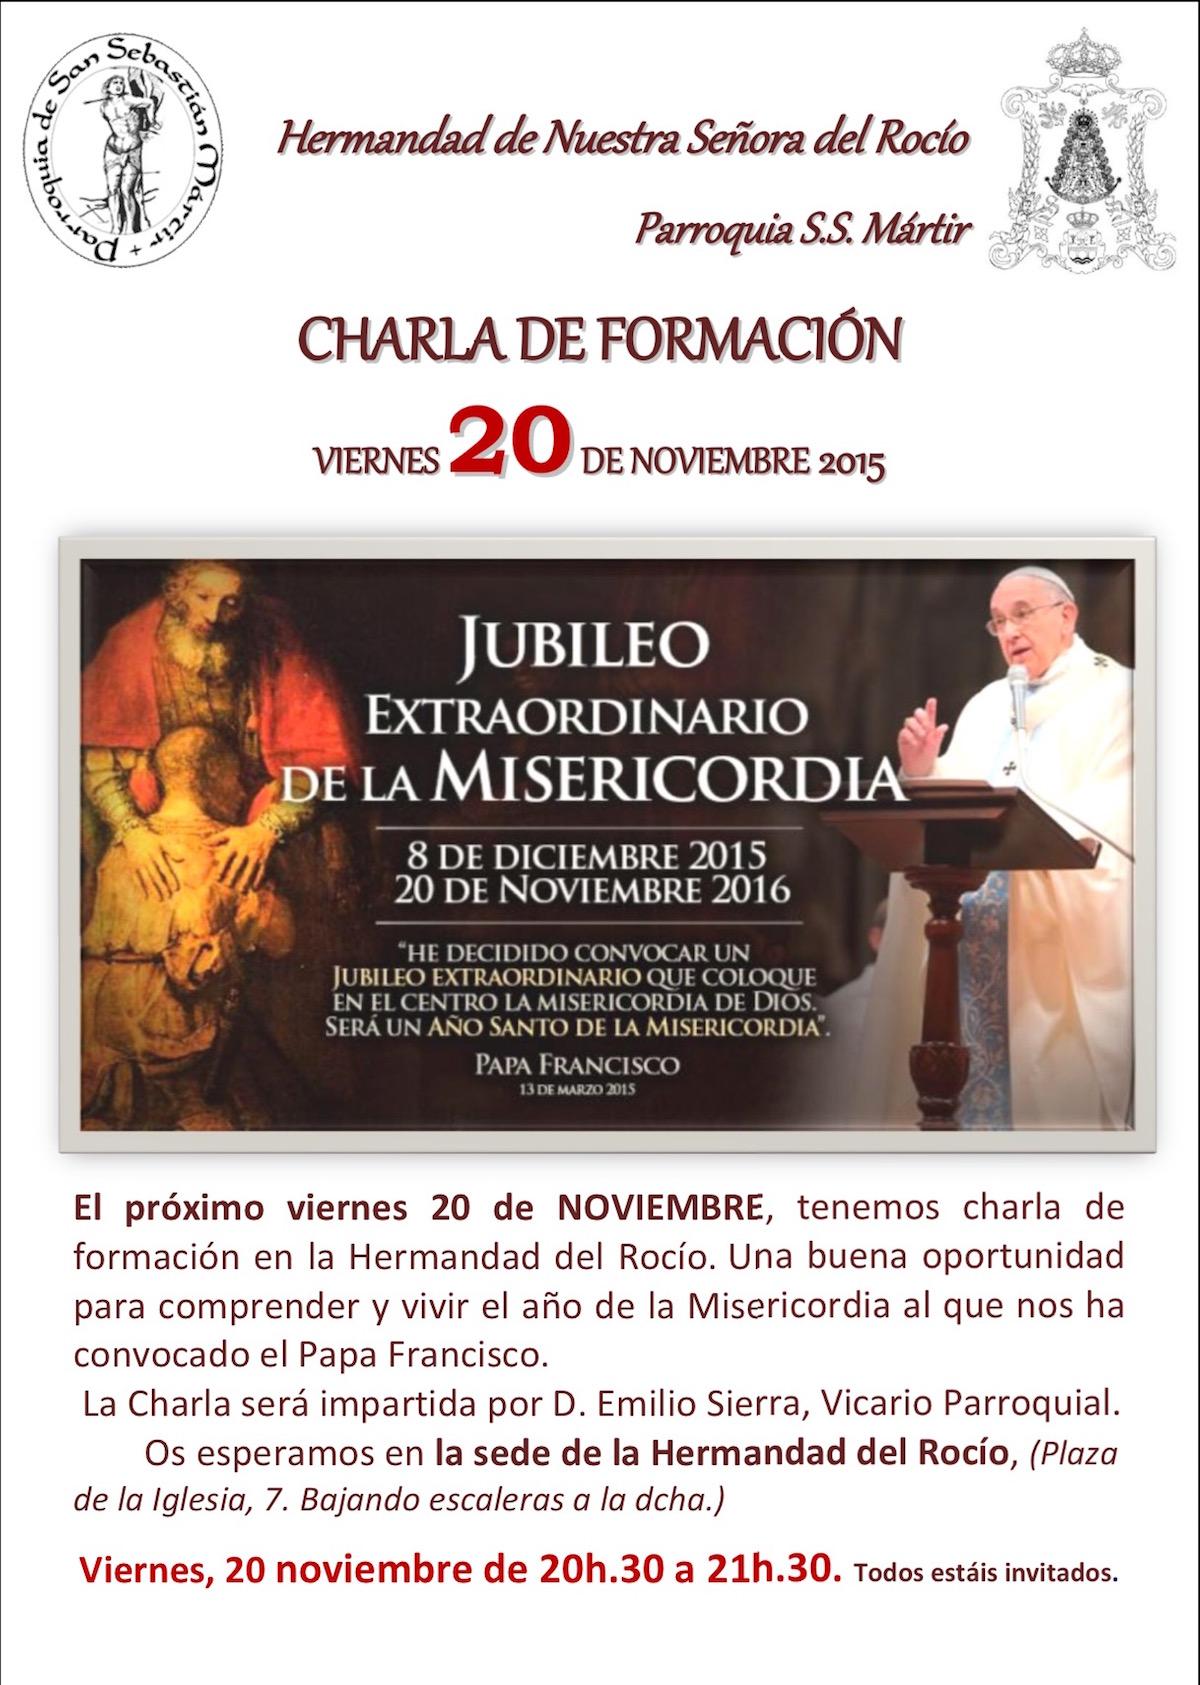 San Sebastian de los Reyes - formación 2015